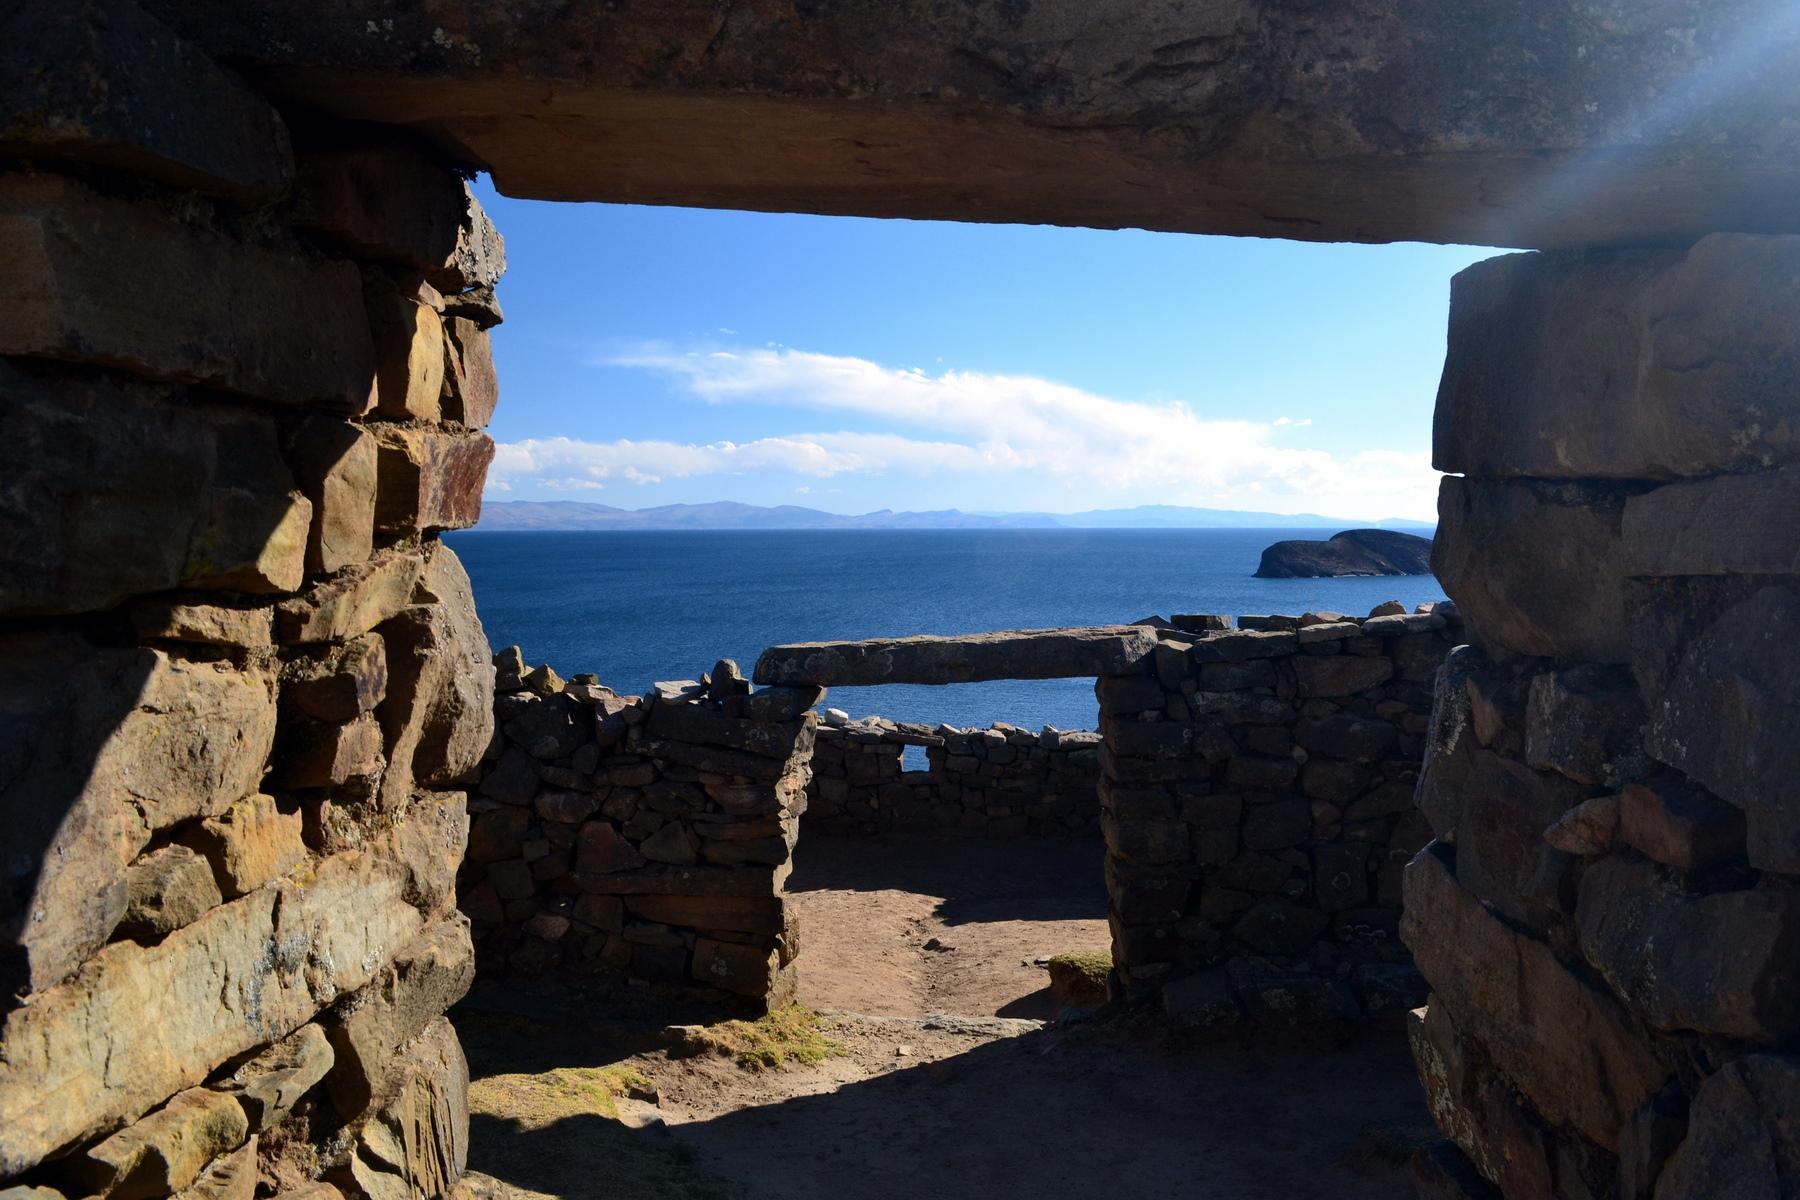 la-paz-titicaca-coroico20